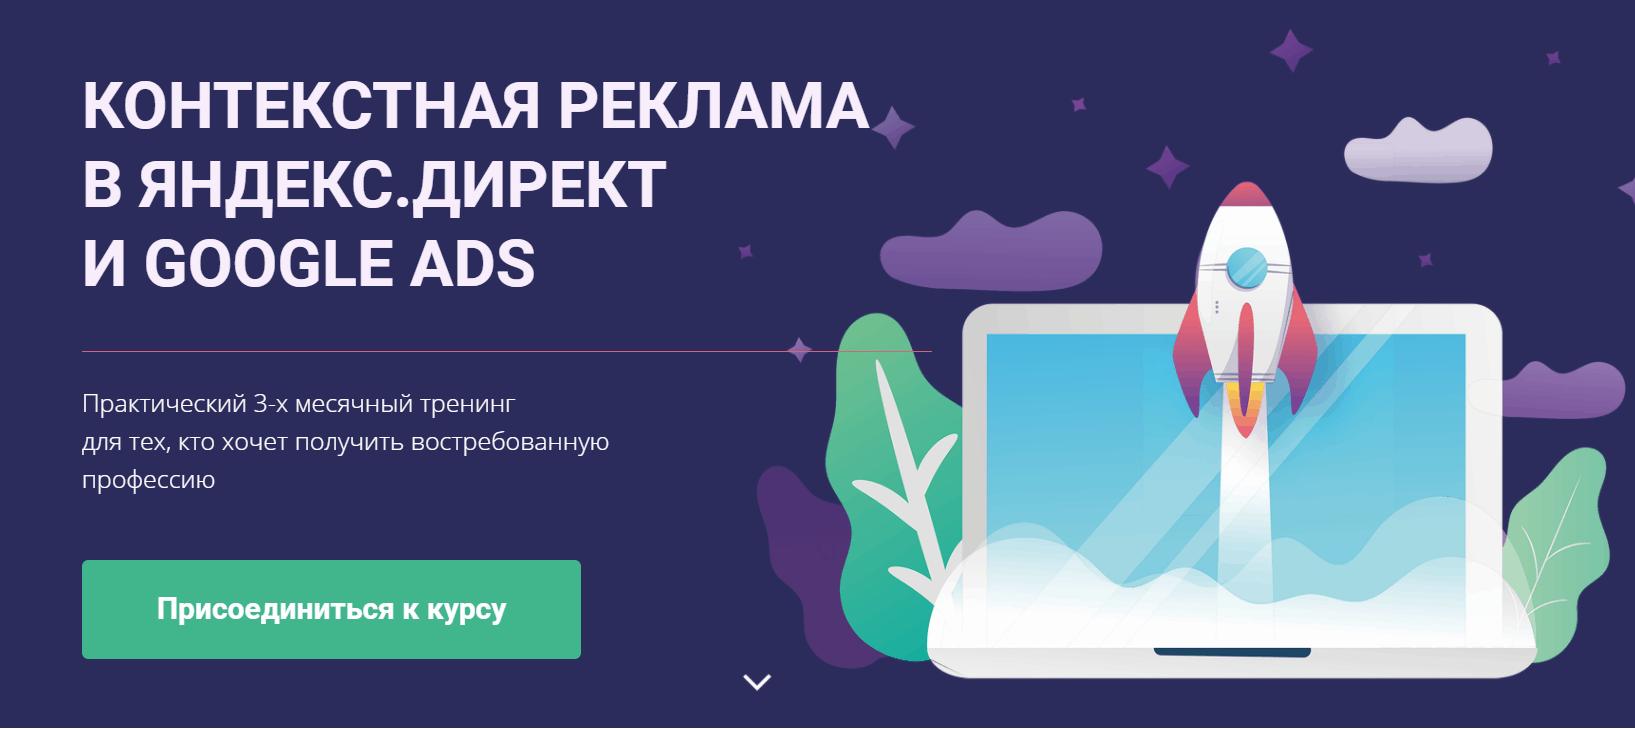 Контекстная реклама в Яндекс.Директ и Google Ads